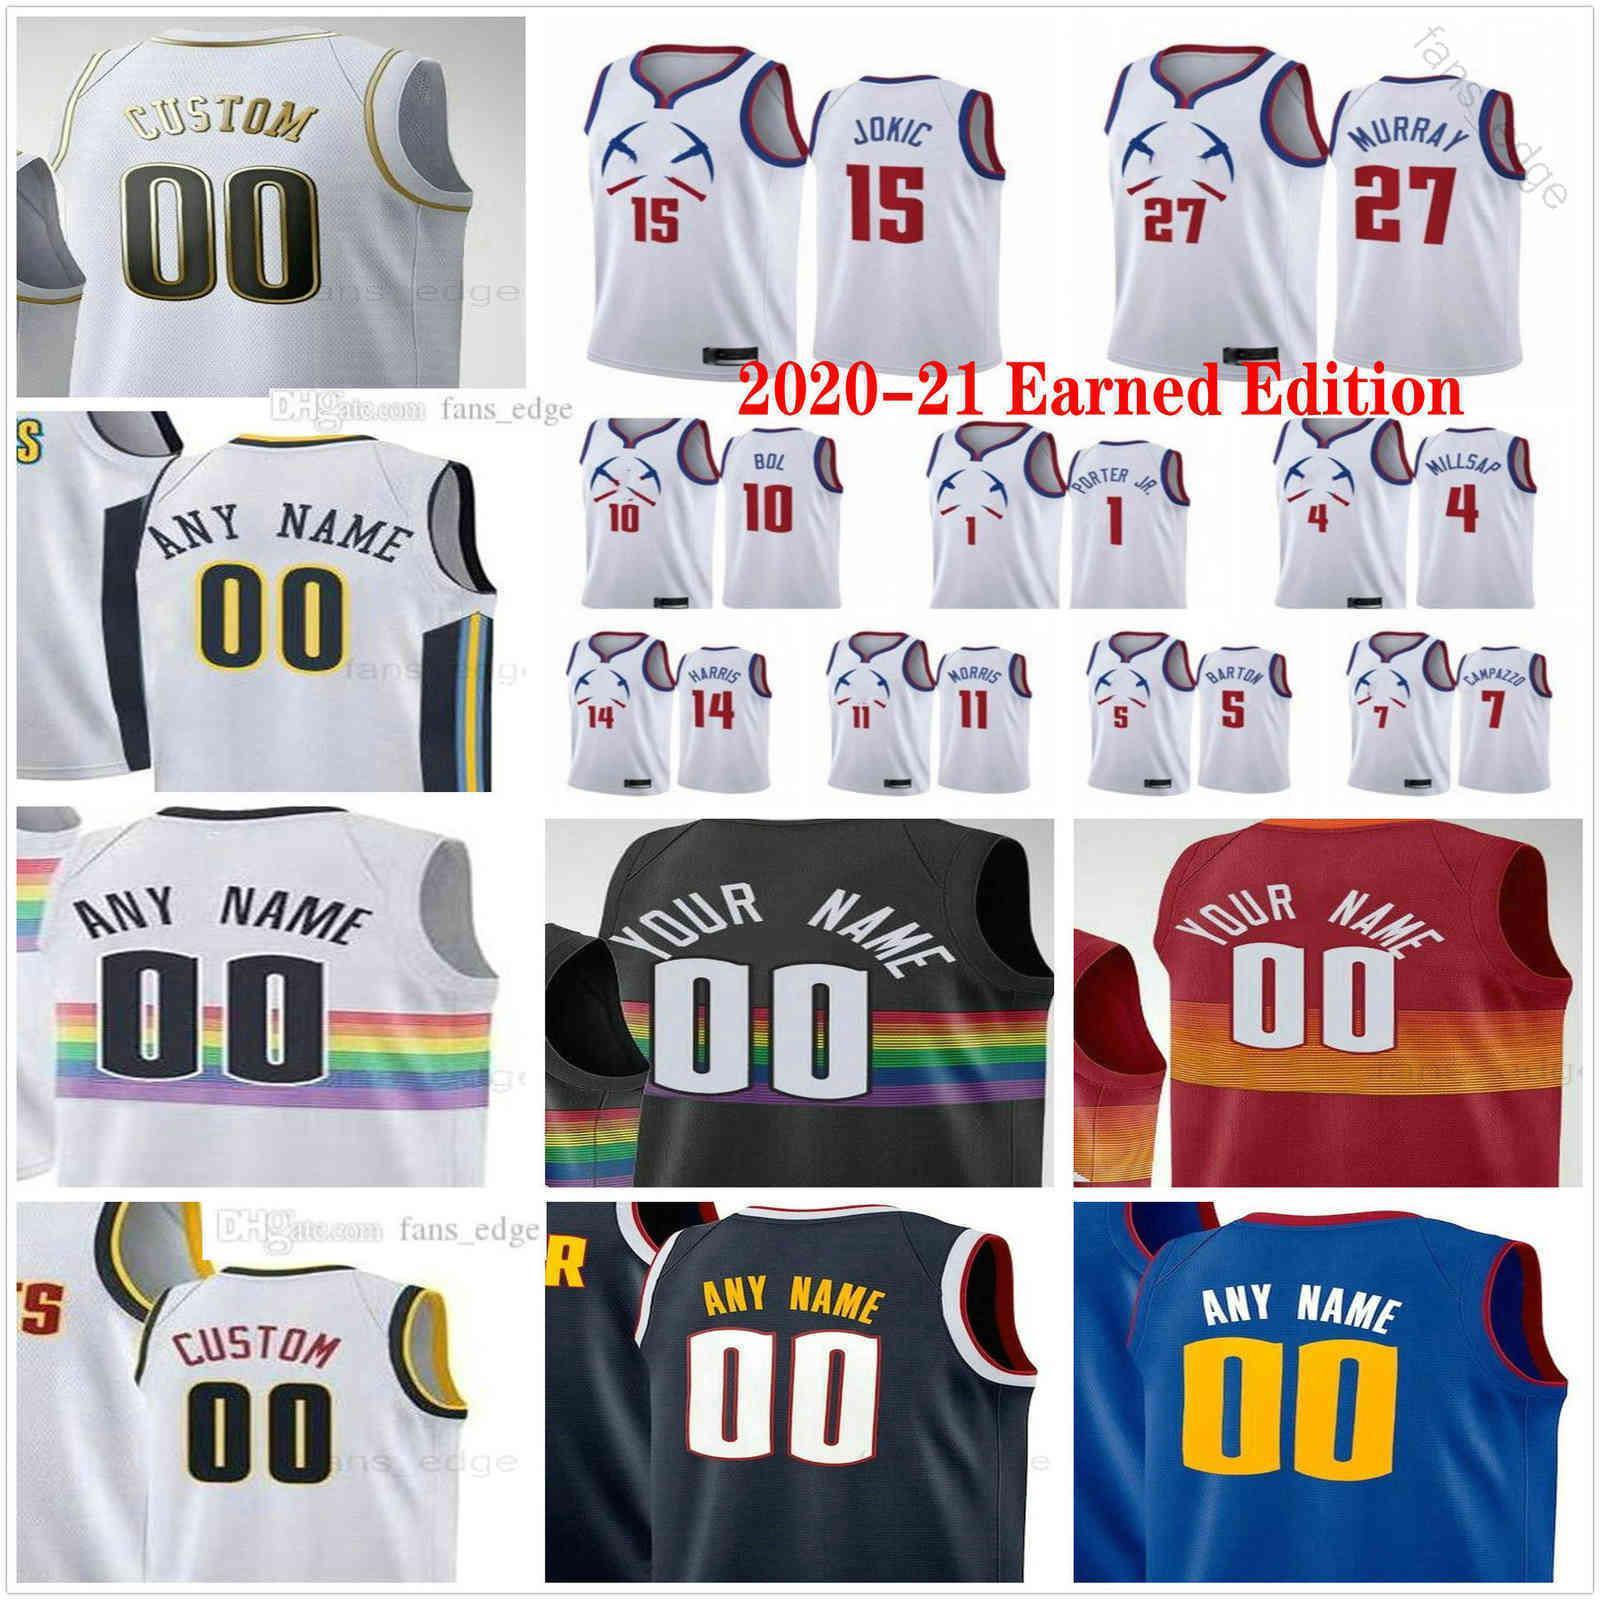 2020-21 Kazanılan Sürüm Baskılı Aaron 50 Gordon 15 Jokic Jamal 27 Murray Nikola 1 Porter Jr. Facundo 7 Campazzo Erkek Kadın Çocuk Gençlik Basketbol Formaları